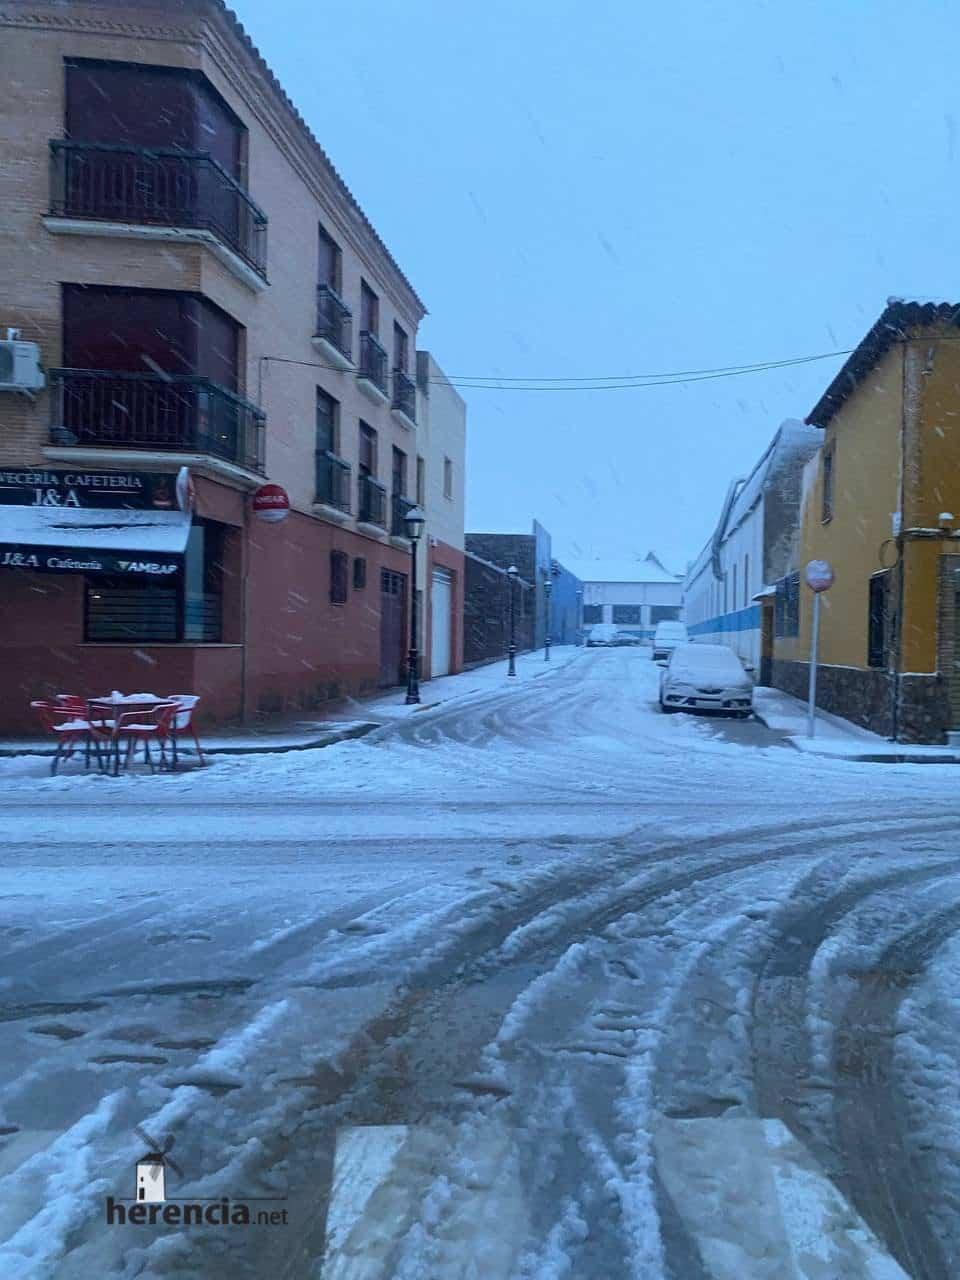 Más fotografías de las nieves de 2021 en Herencia 143